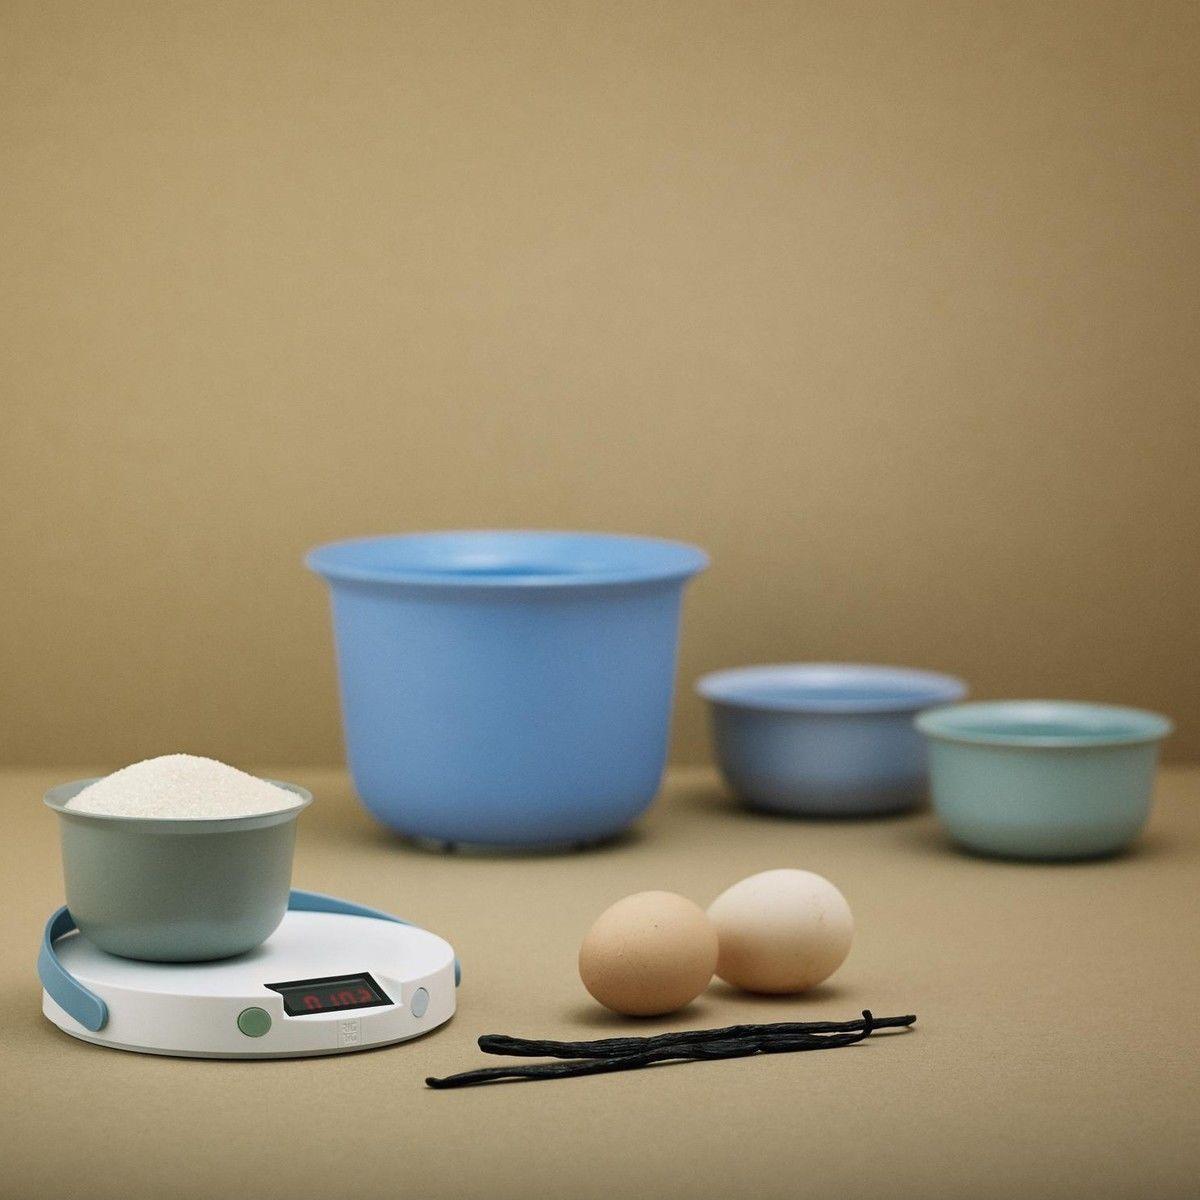 rig tig mix it mixing bowls rig tig. Black Bedroom Furniture Sets. Home Design Ideas